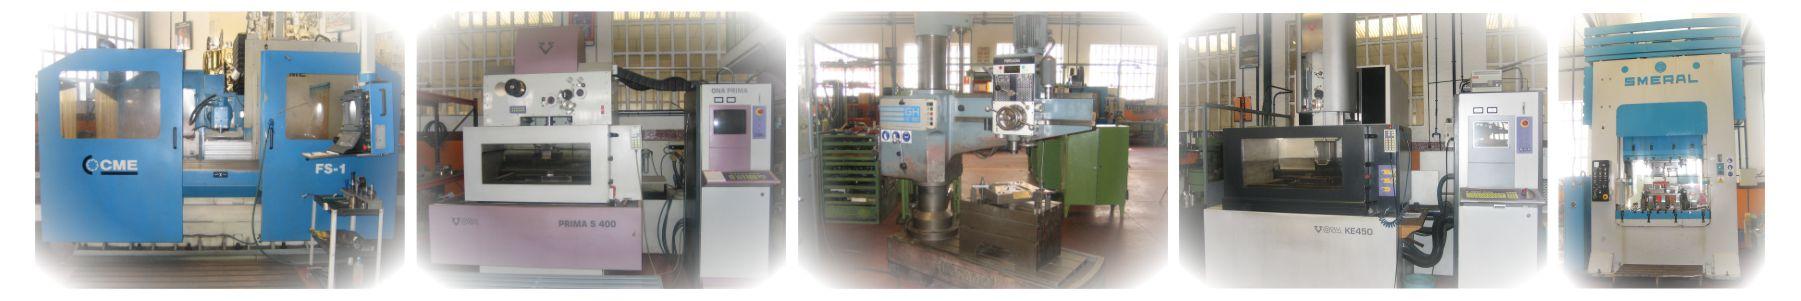 fresadoras y tornos CNC